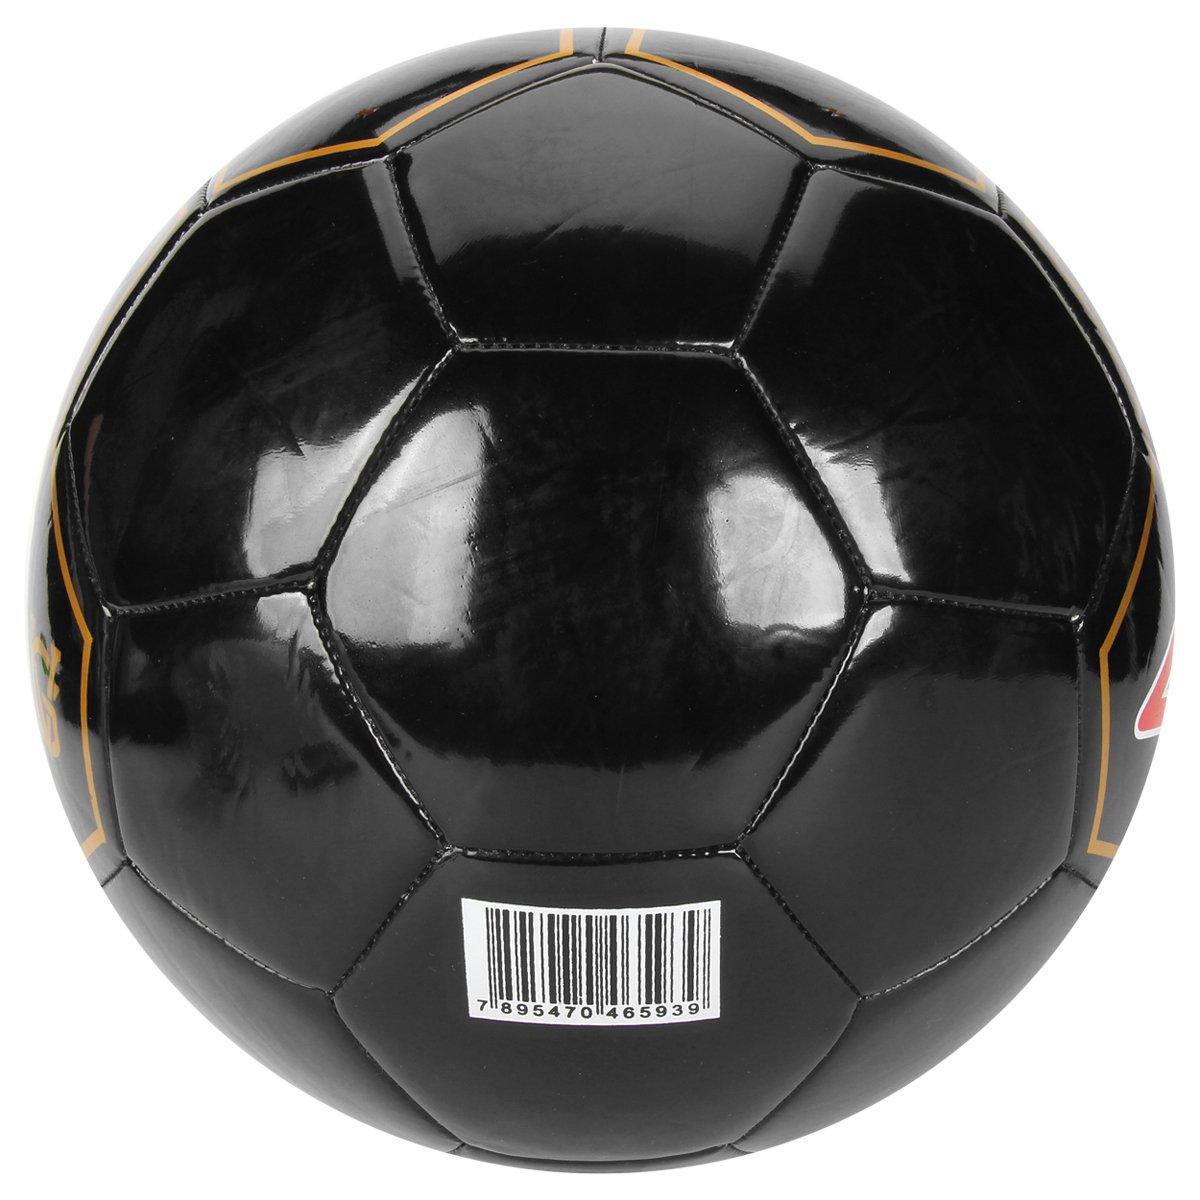 2cdf0a5086 Bola Futebol Umbro Vasco 2 Campo - Compre Agora